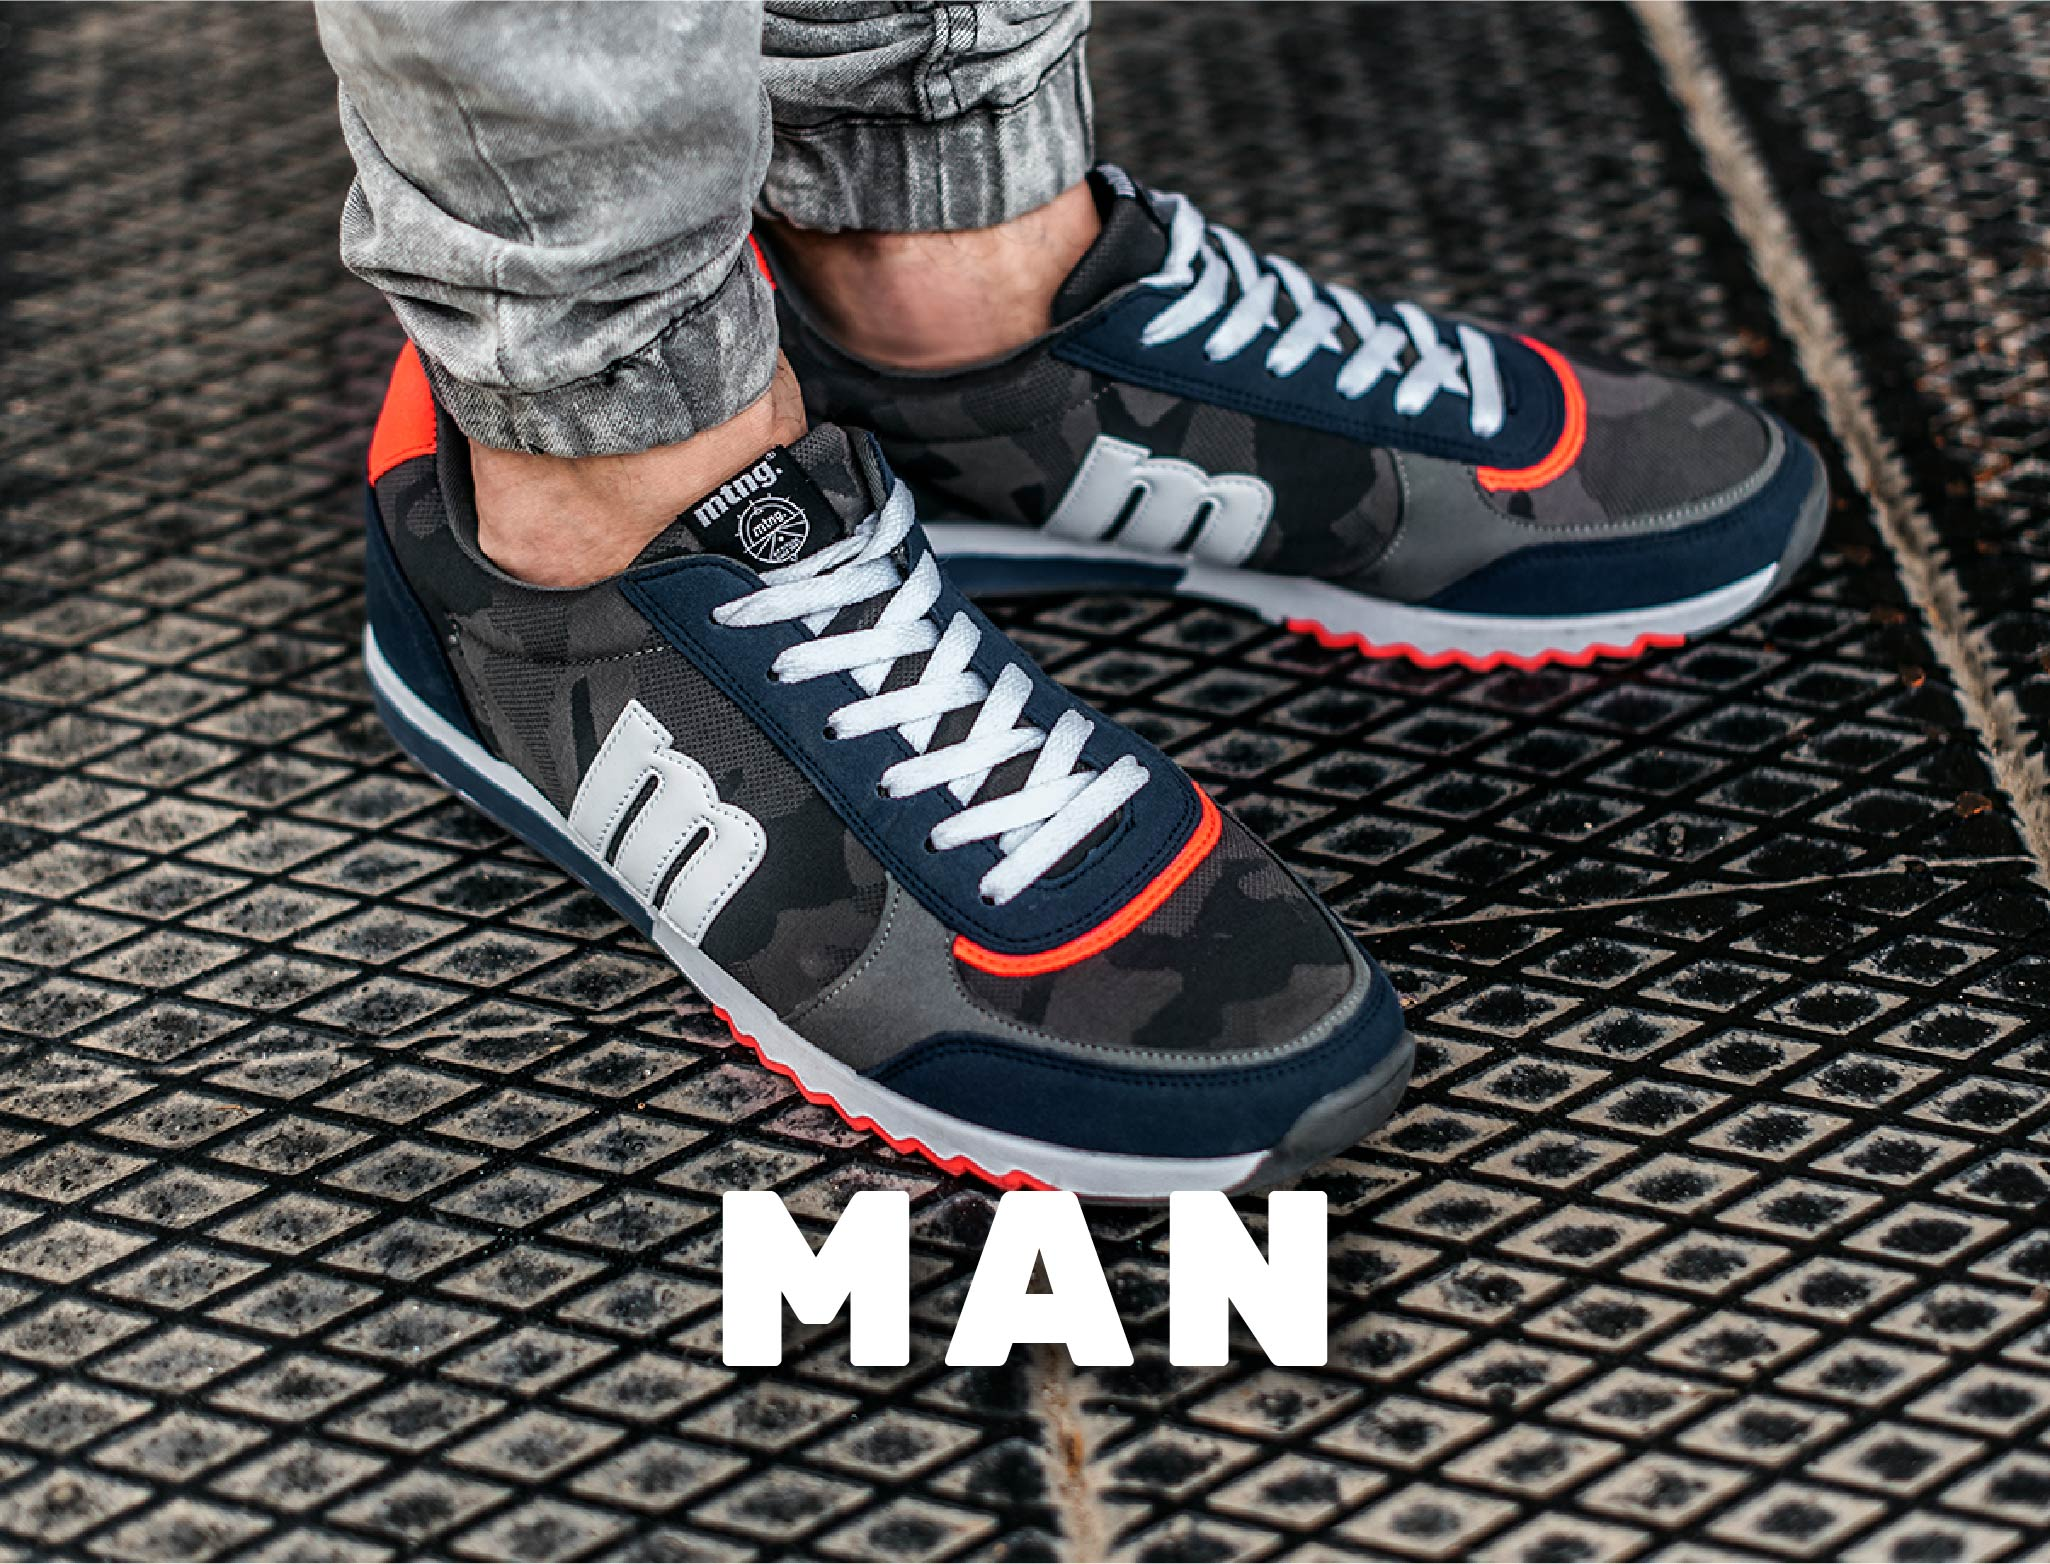 000 48 MTNG complementos 1 resultados de más Zapatos de para 1 y Tienda dpg6Xq6